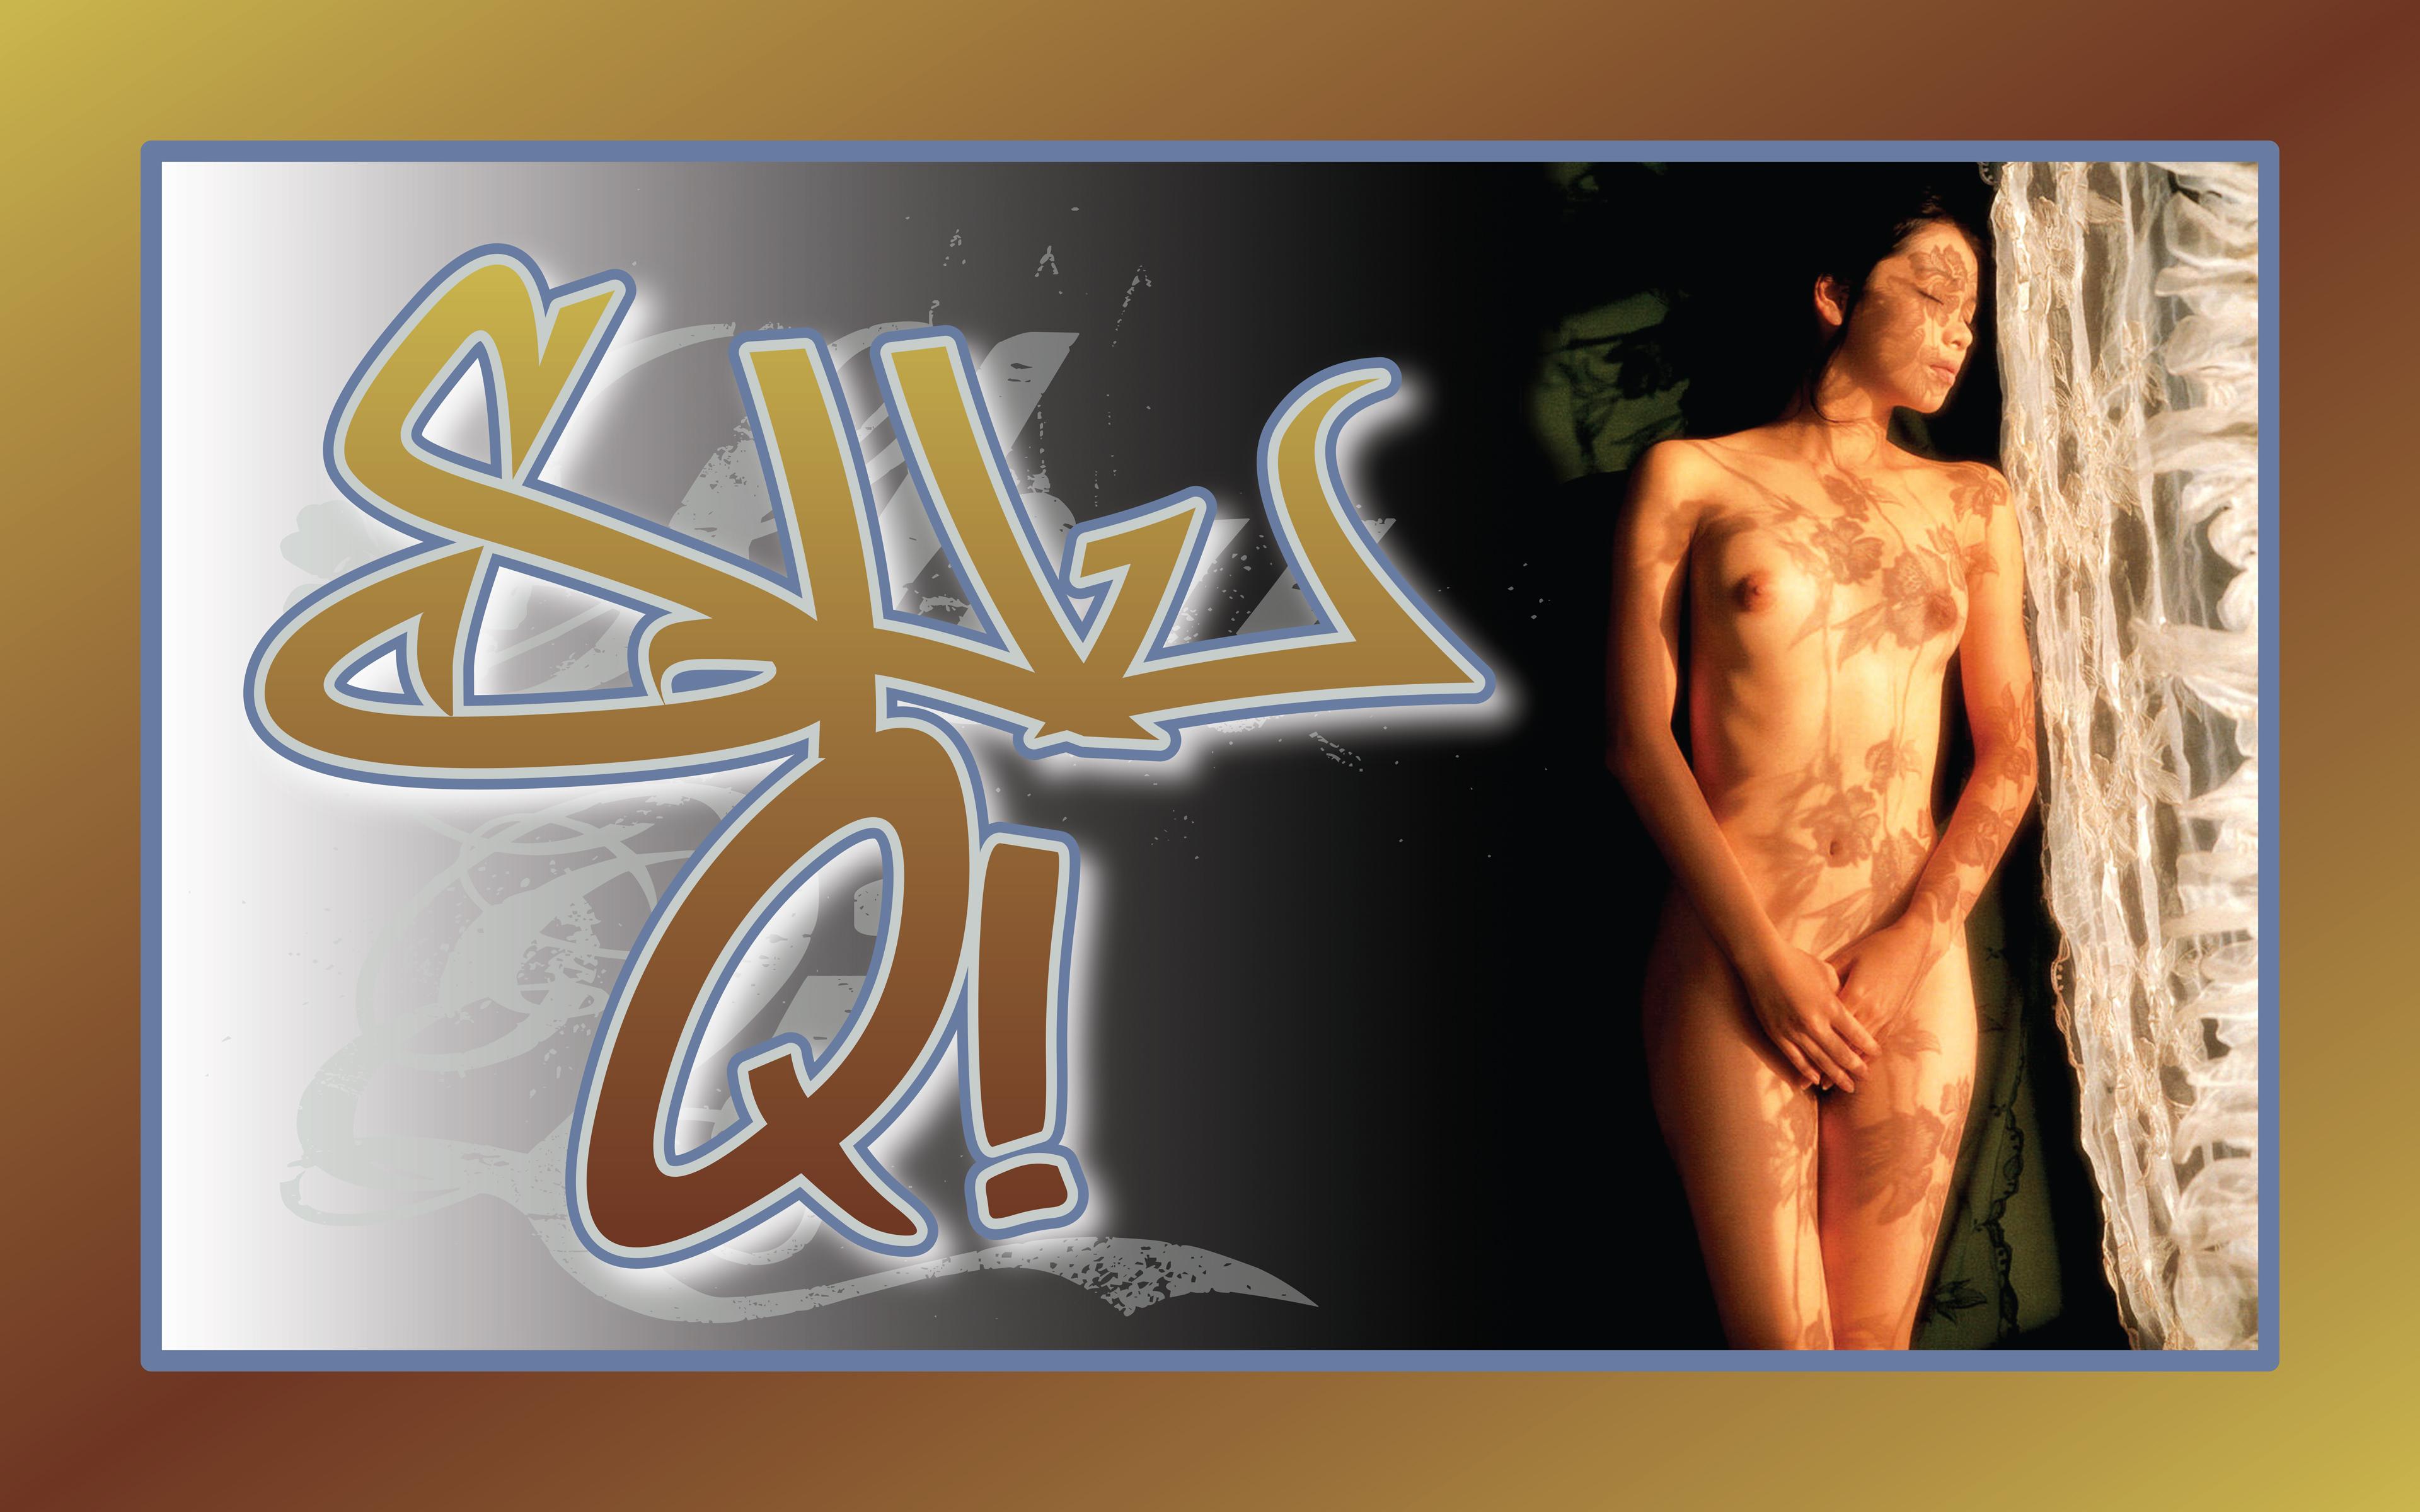 SHU QI 01 (SHU_QI_01.jpg) - 2329809 - Free Image Hosting at ...